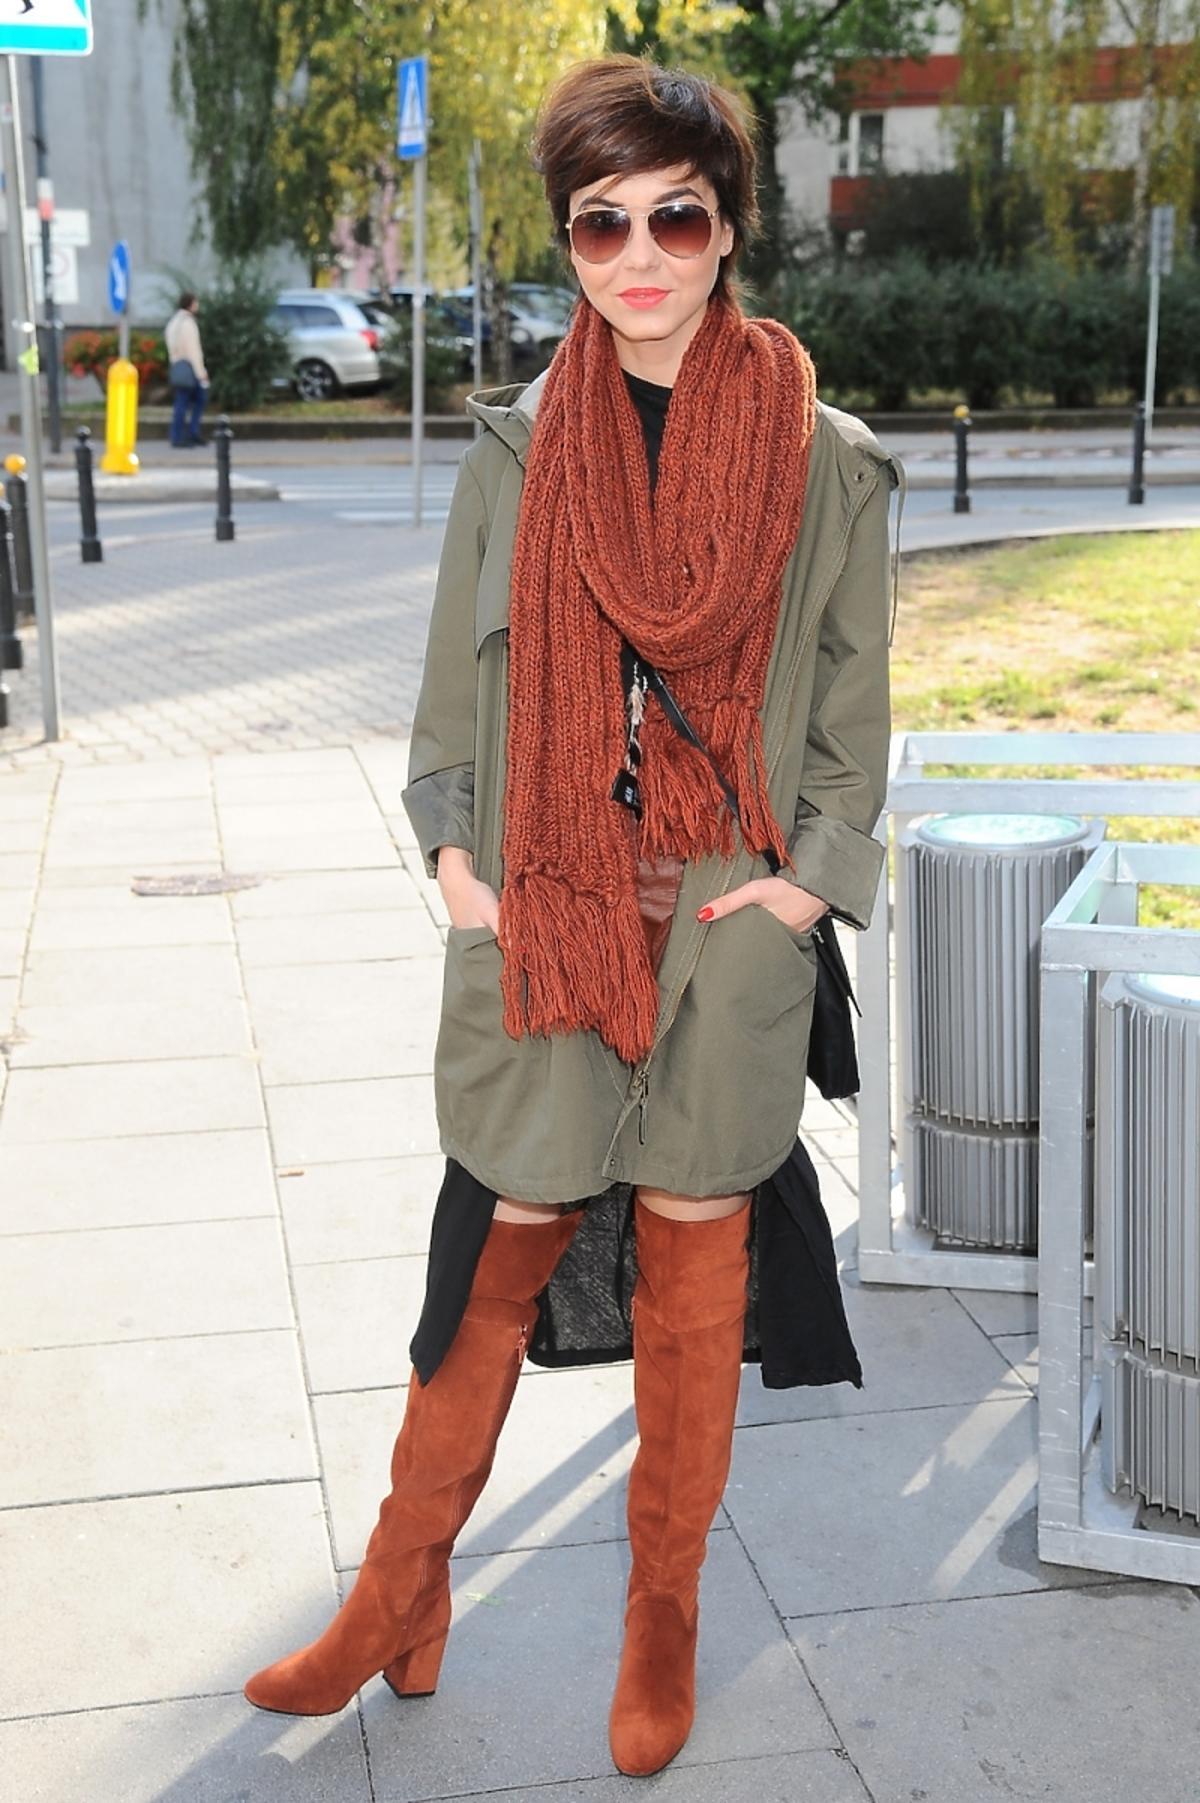 Paulina Drażba w zielonej parce i brązowym szaliku i brązowych kozakach i okularach na ulicy